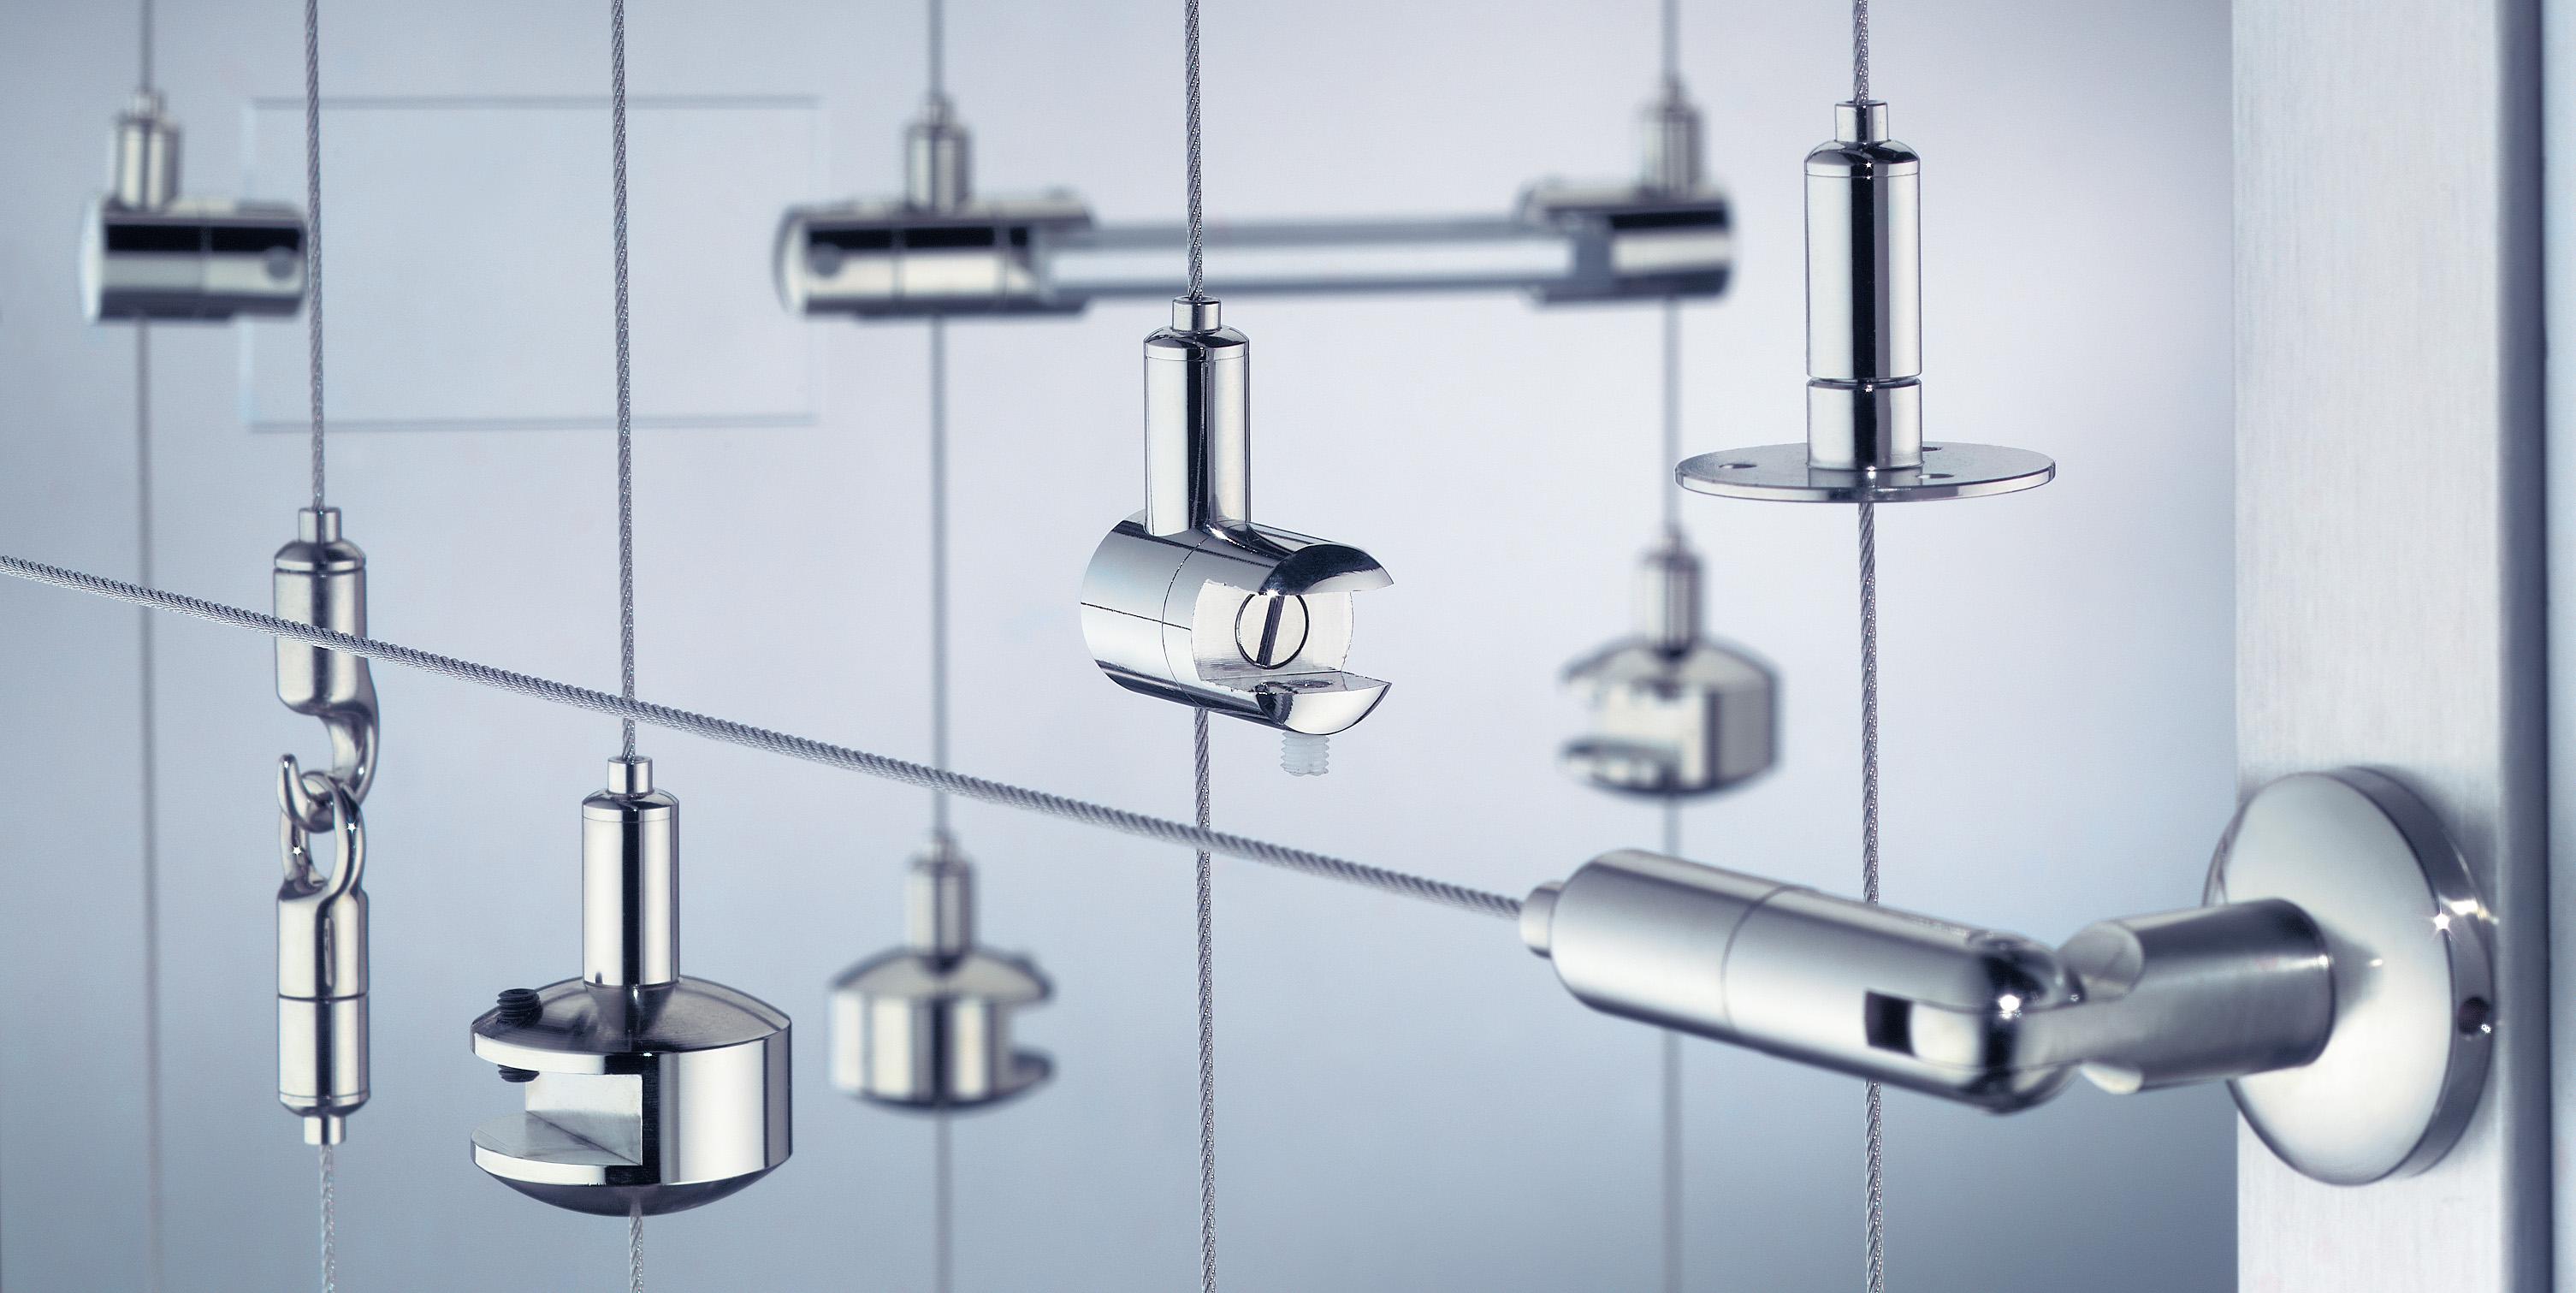 accesorios tensores suspendidos/arc.316 mallas y cables